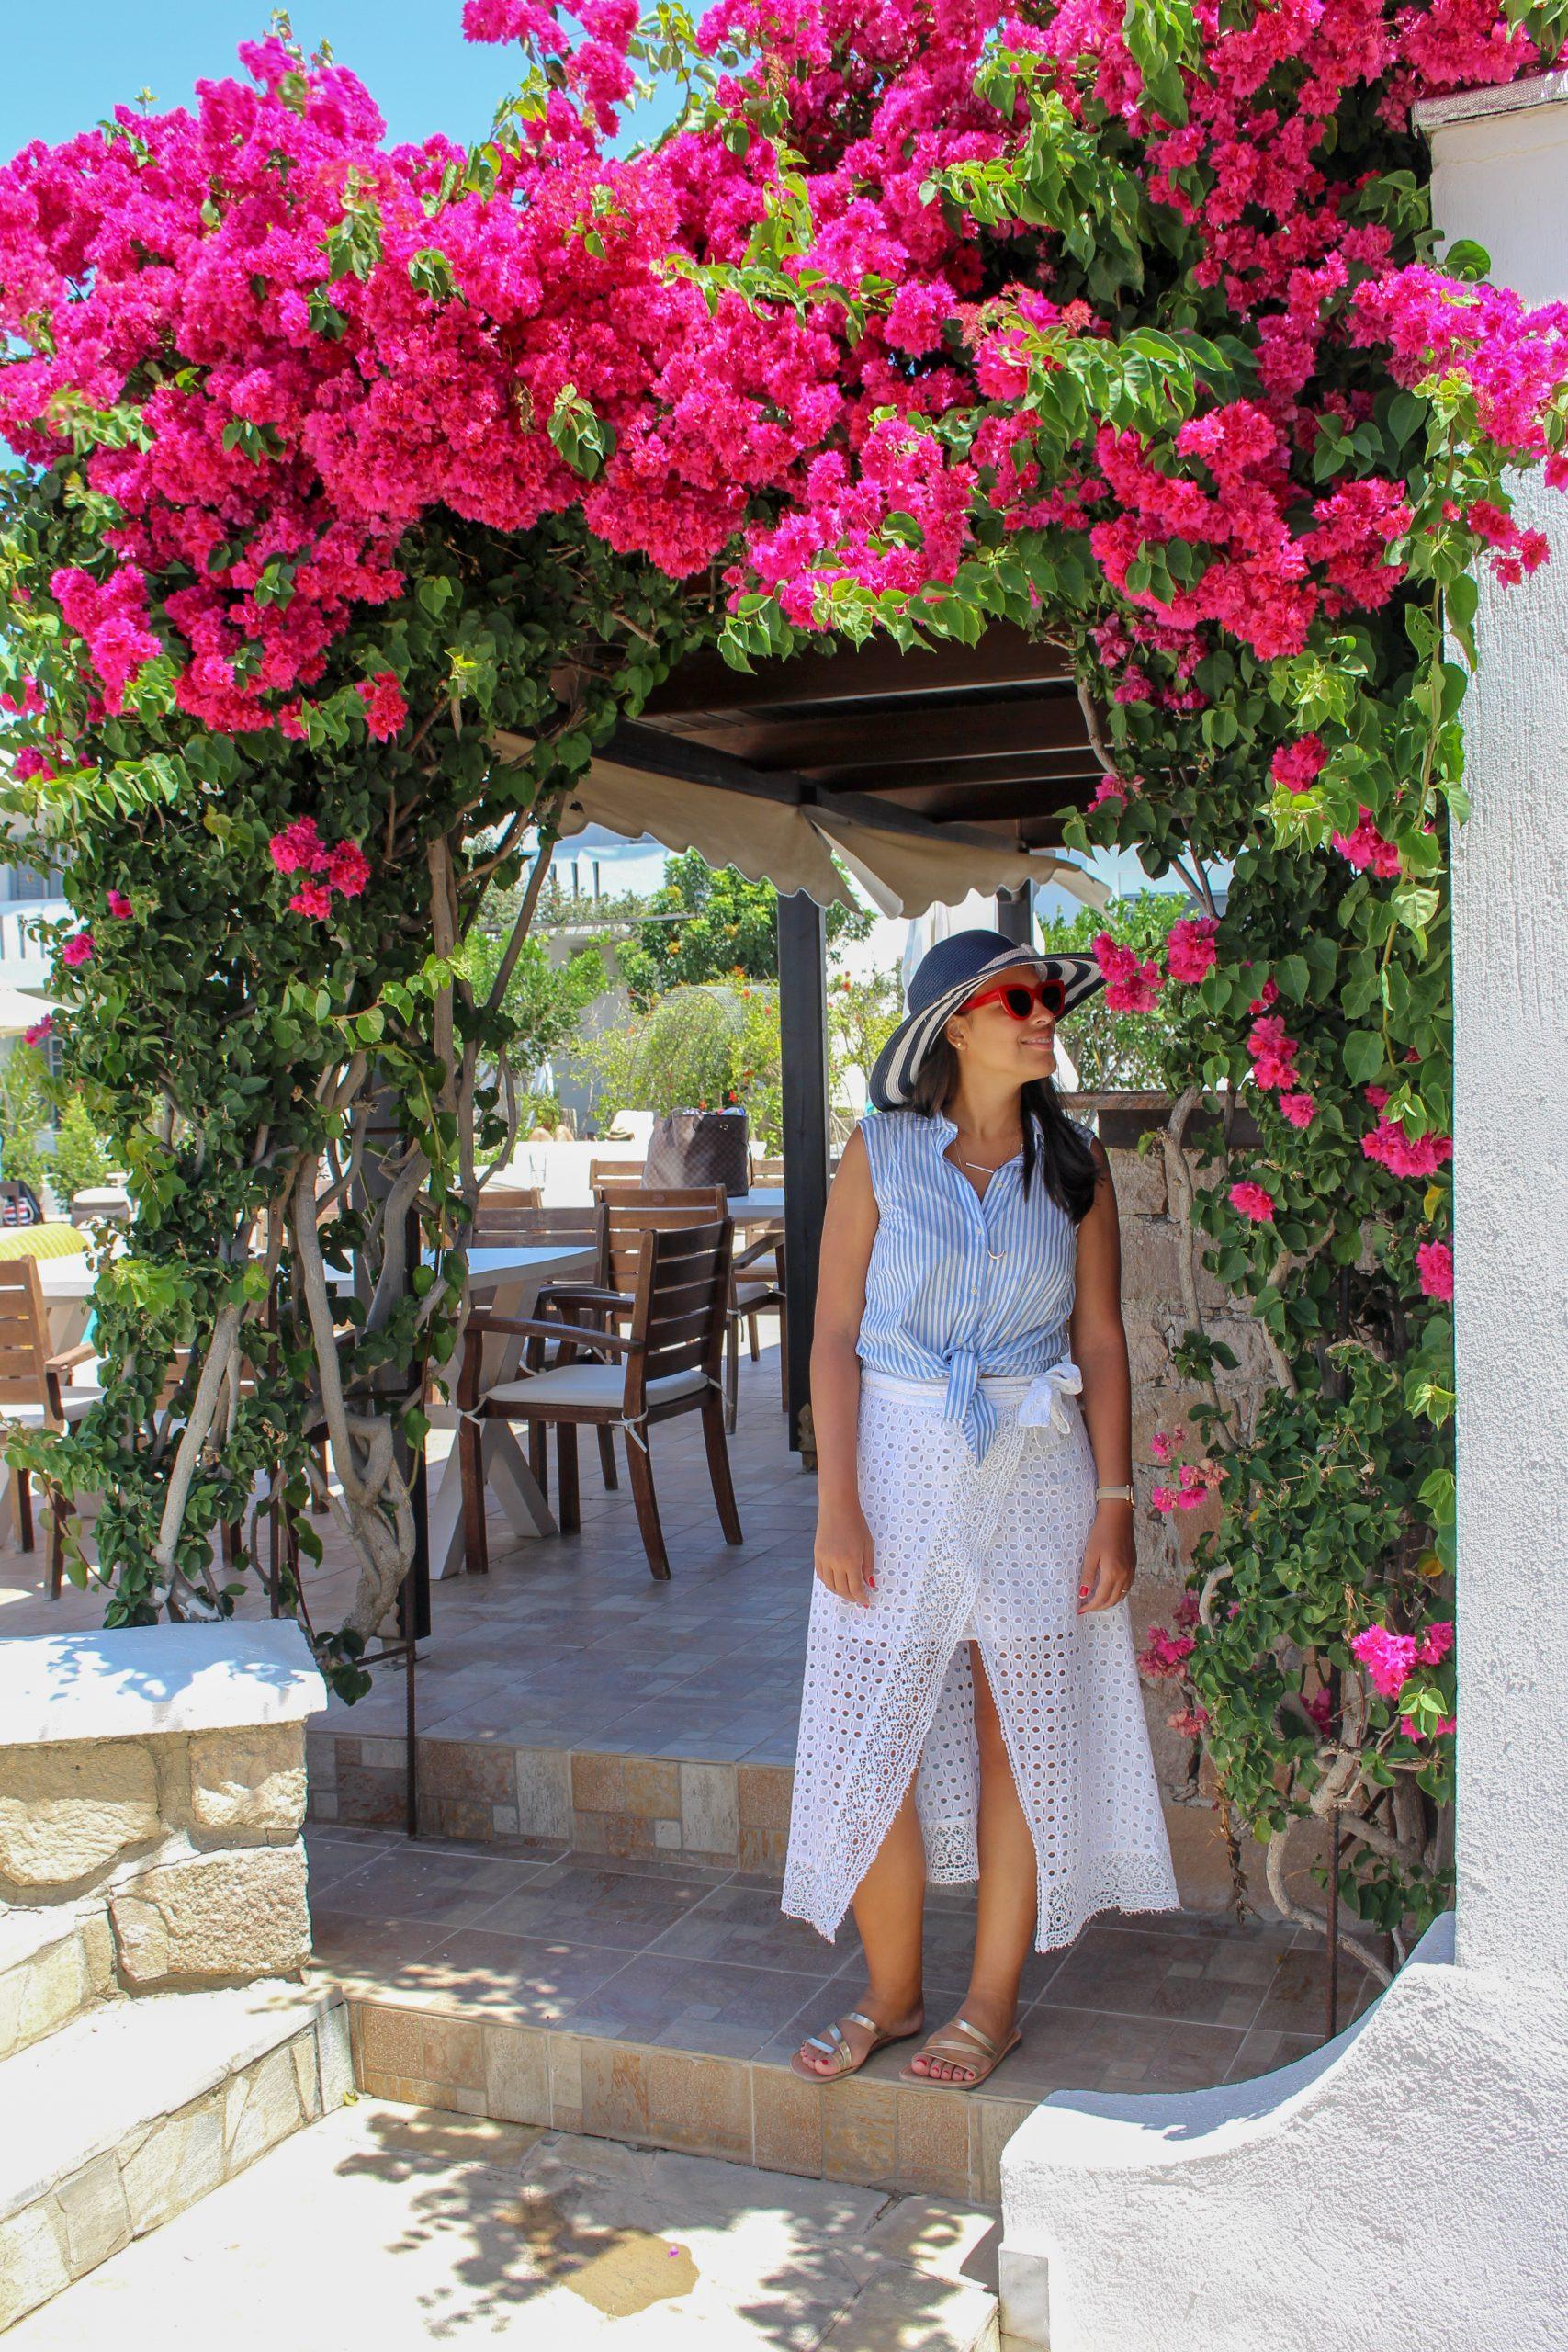 milos_santa_maria_village_flores